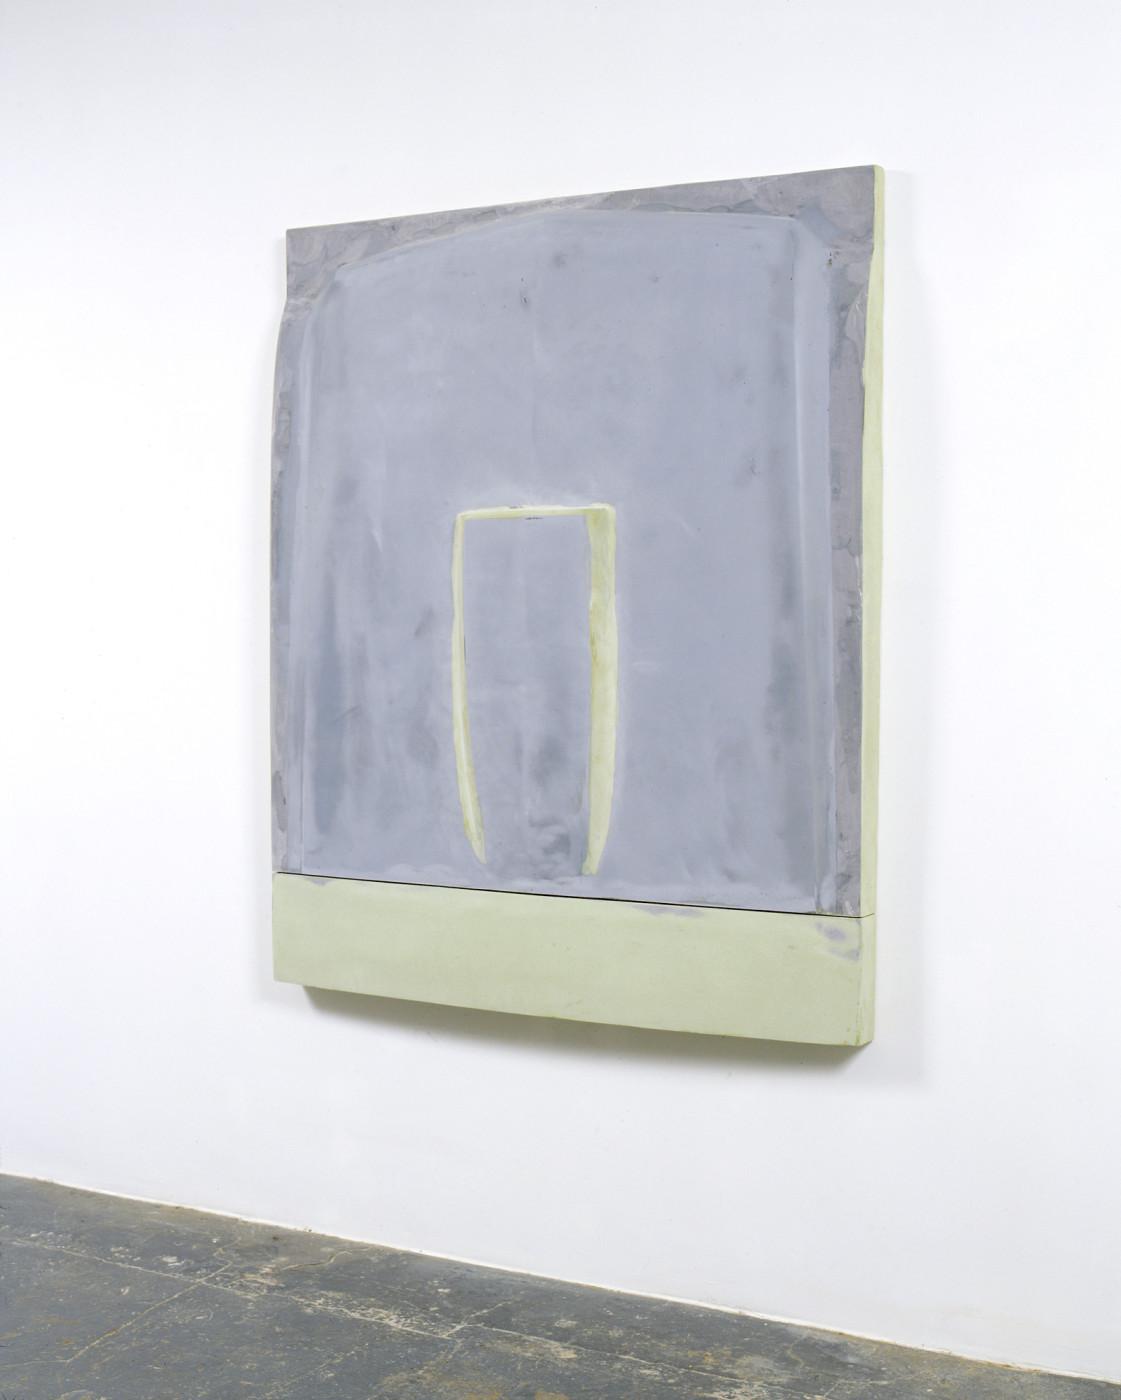 <div class=&#34;aui-item aui-first browse-preview-pane-details-left&#34;><div id=&#34;artwork-panel-details&#34; class=&#34;standard-artwork-details&#34;><div class=&#34;title&#34;><em>Untitled</em>, 2008</div><div class=&#34;medium&#34;>fiberglass, wood, acrylic and bondo</div><div class=&#34;dimensions&#34;>158.1 x 128.9 x 15.2 cm<br />62 1/4 x 50 3/4 x 6 in.</div></div></div><div class=&#34;aui-item aui-last&#34;>&#160;</div>